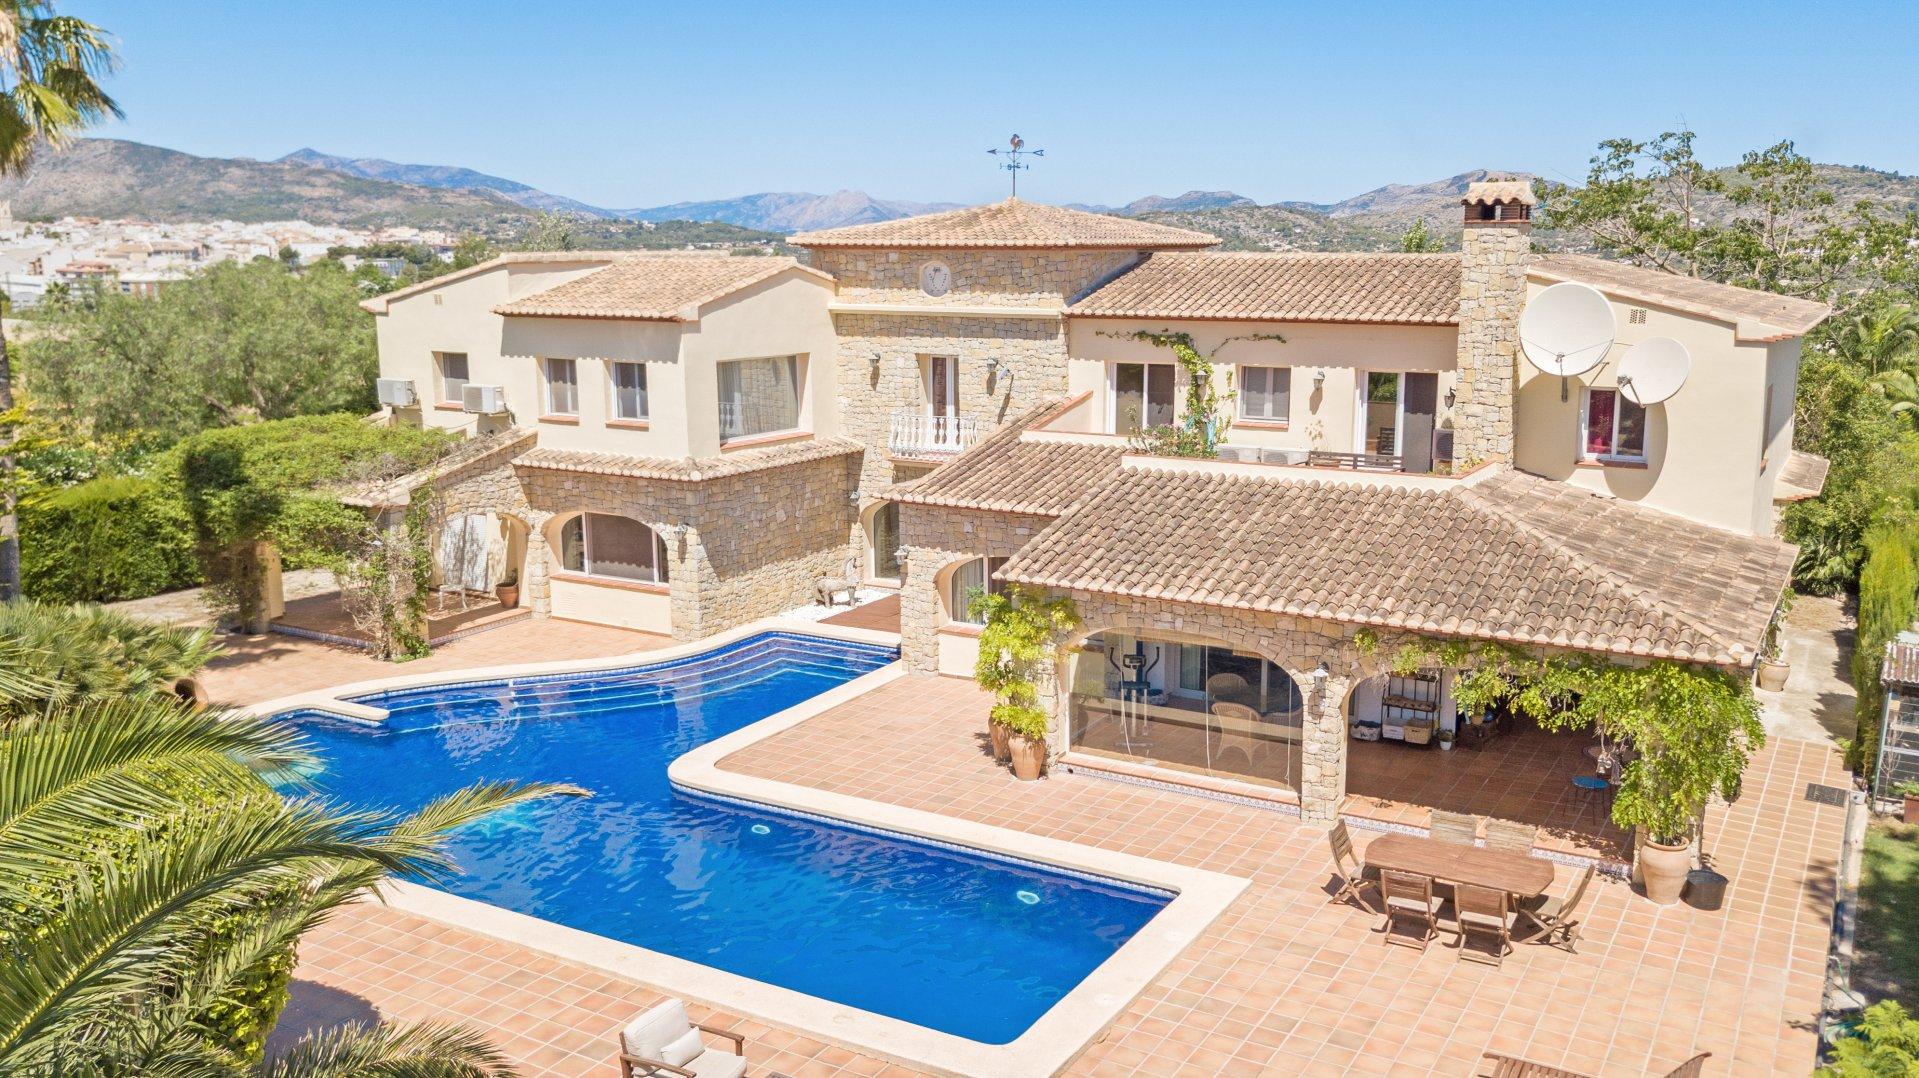 Lujosa villa de 6 dormitorios con helipuerto en Benissa.